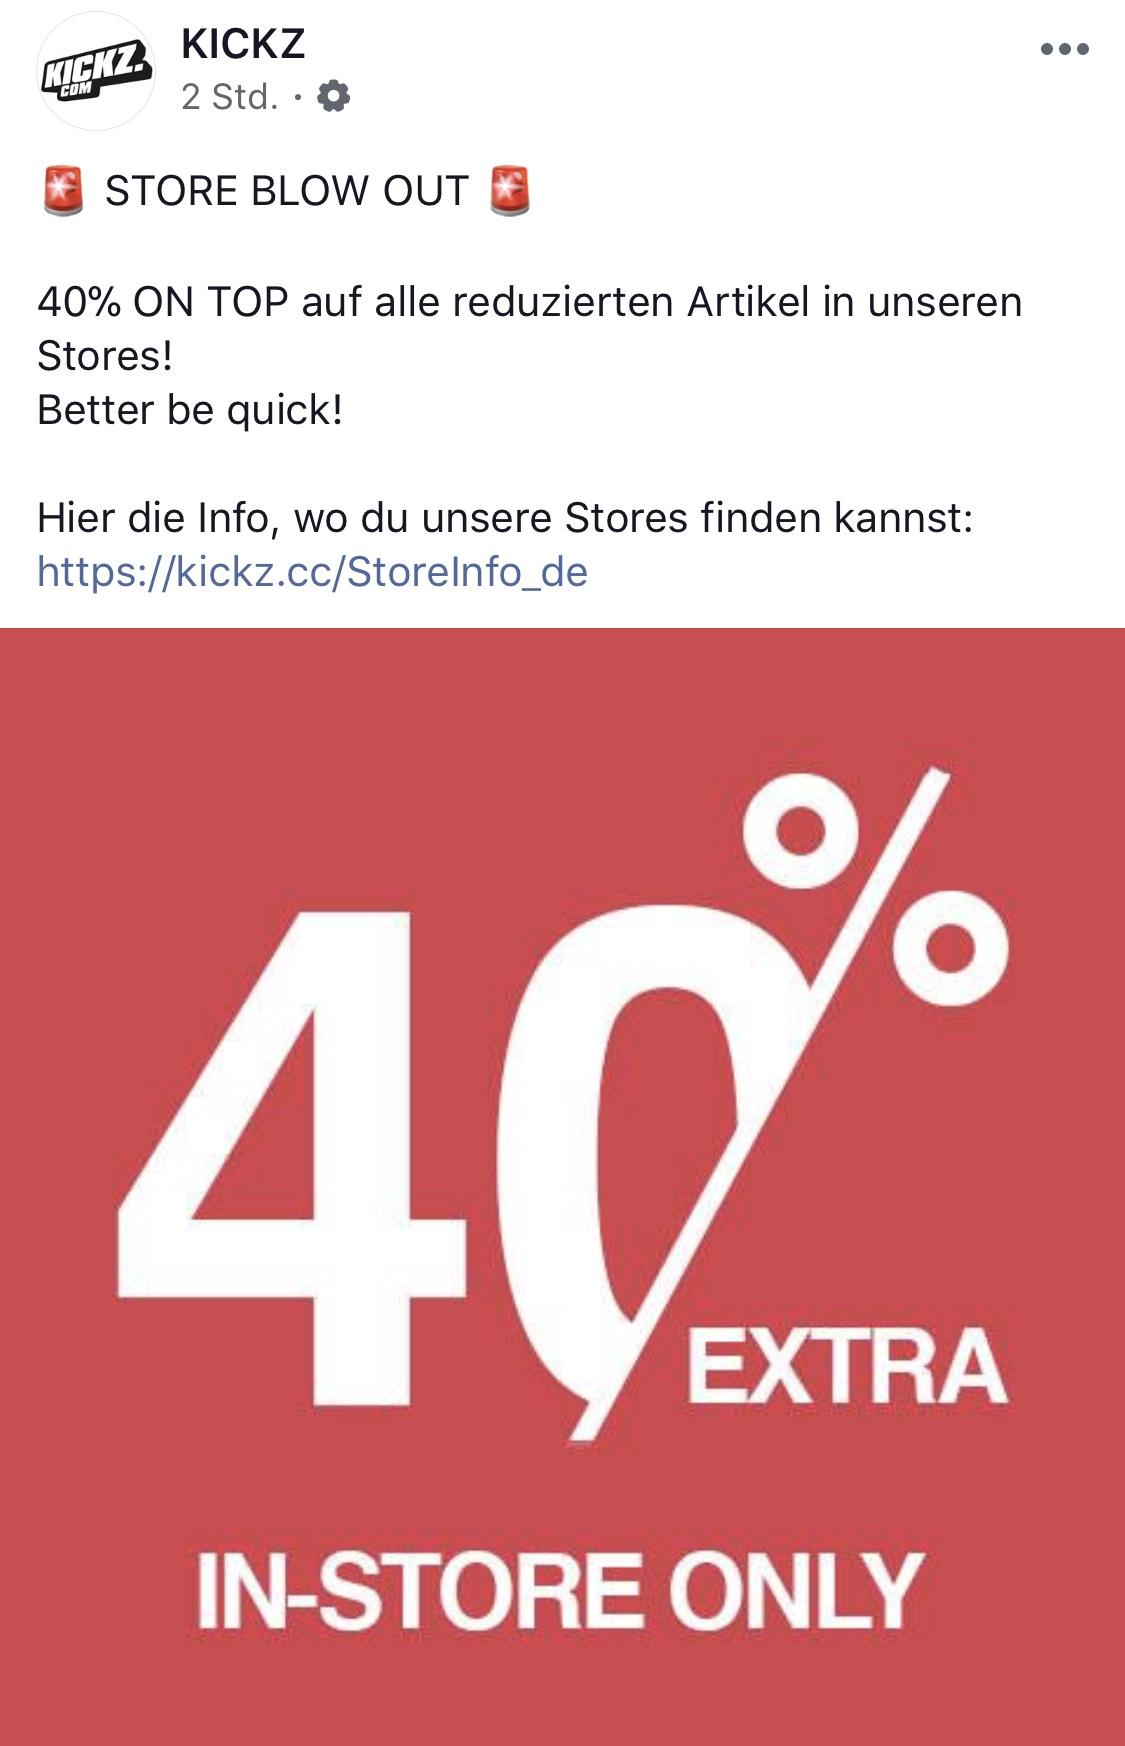 [lokal - München Berlin Hamburg Köln uvm] KICKZ - 40% auf alle bereits reduzierten Artikel